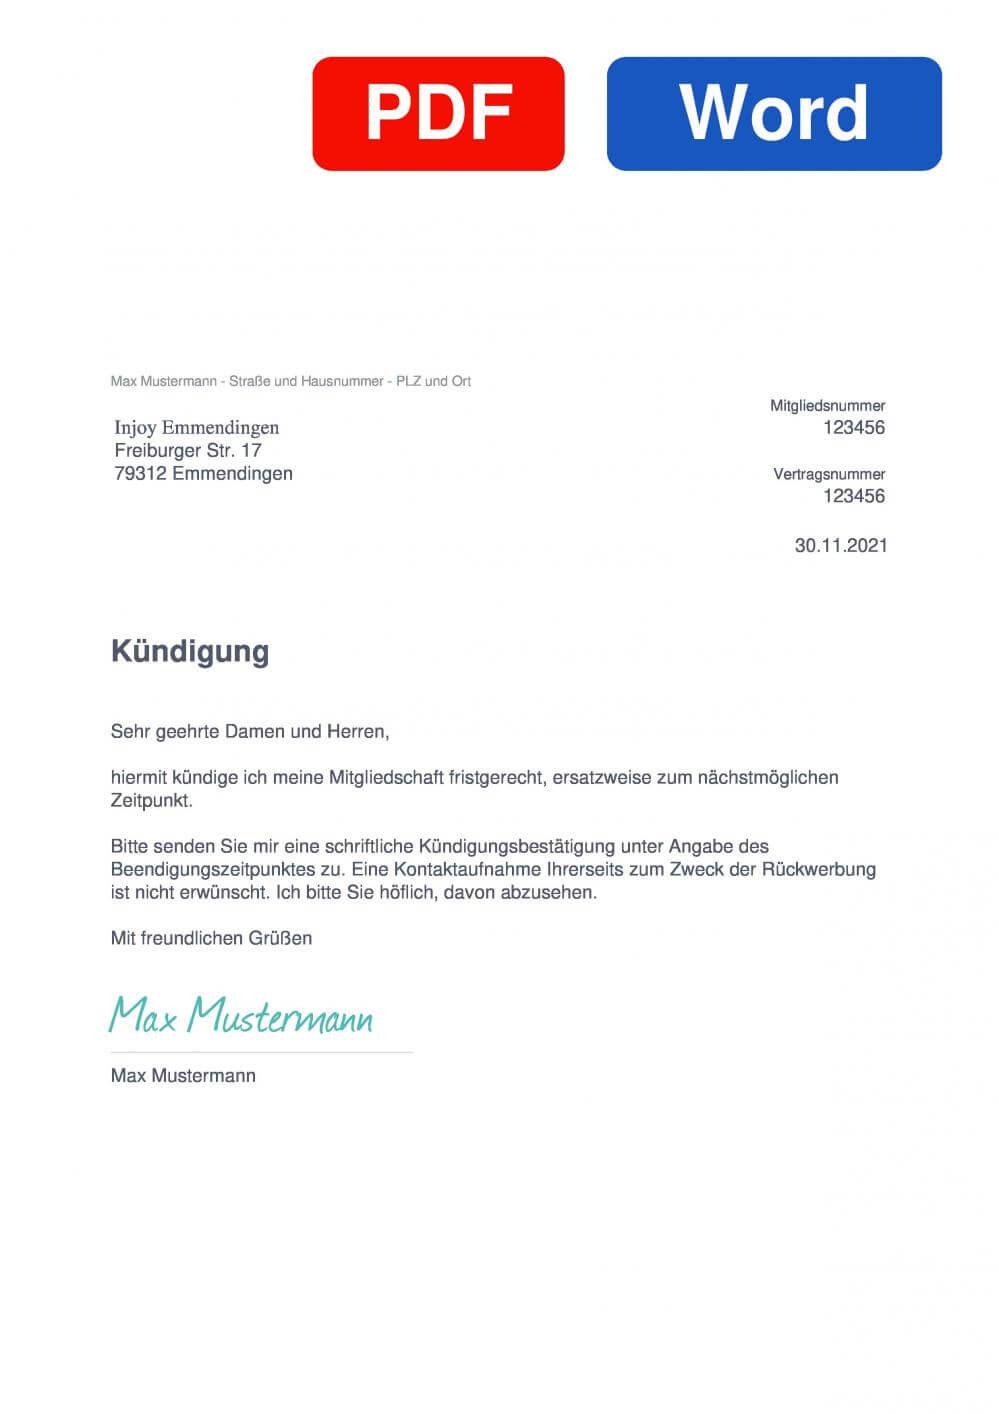 INJOY Emmendingen Muster Vorlage für Kündigungsschreiben